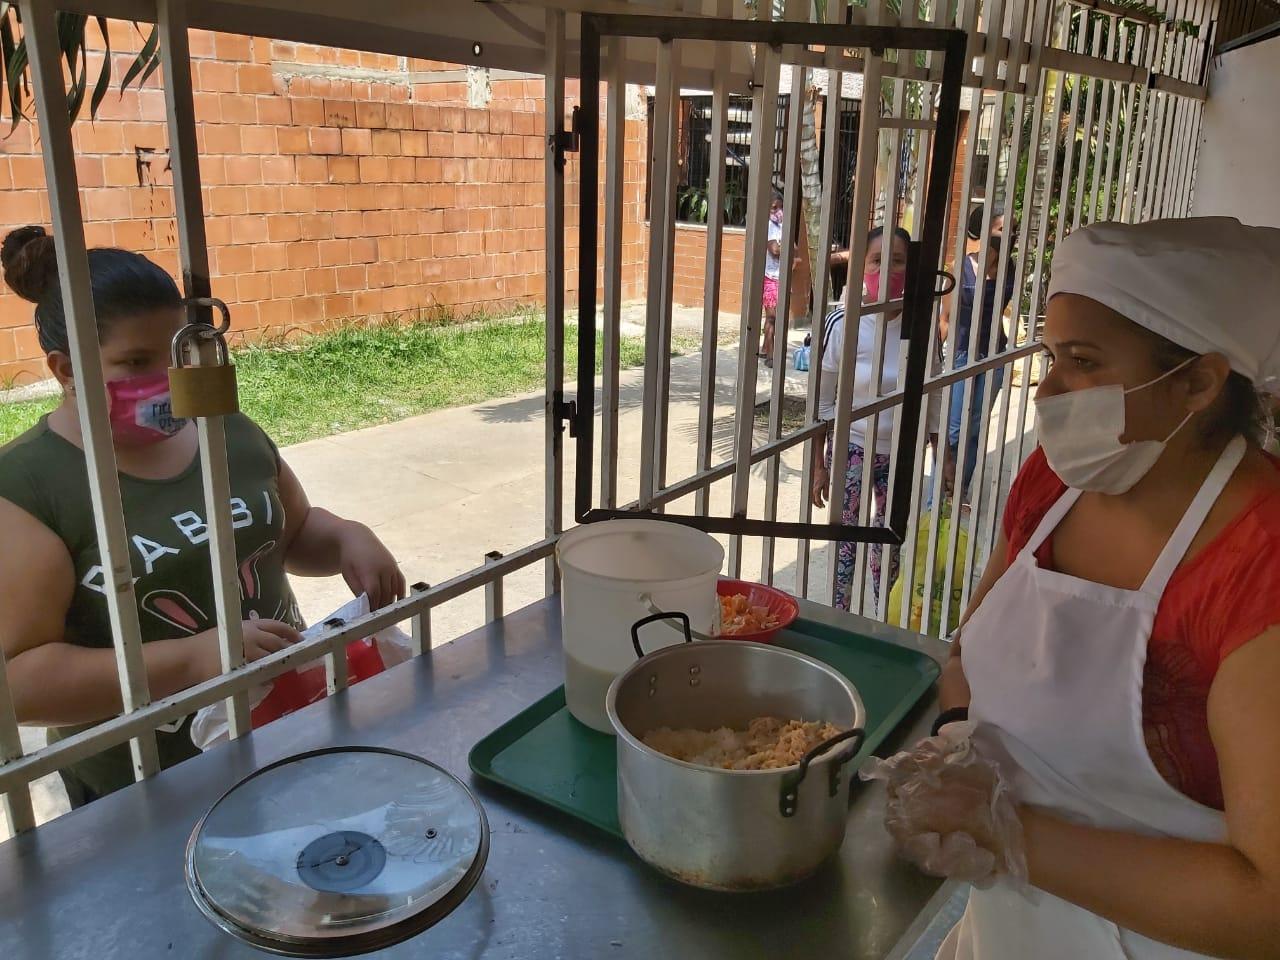 20.000 platos de frijoles se brindarán a las personas más vulnerables a través de 64 ollas comunitarias en Cali